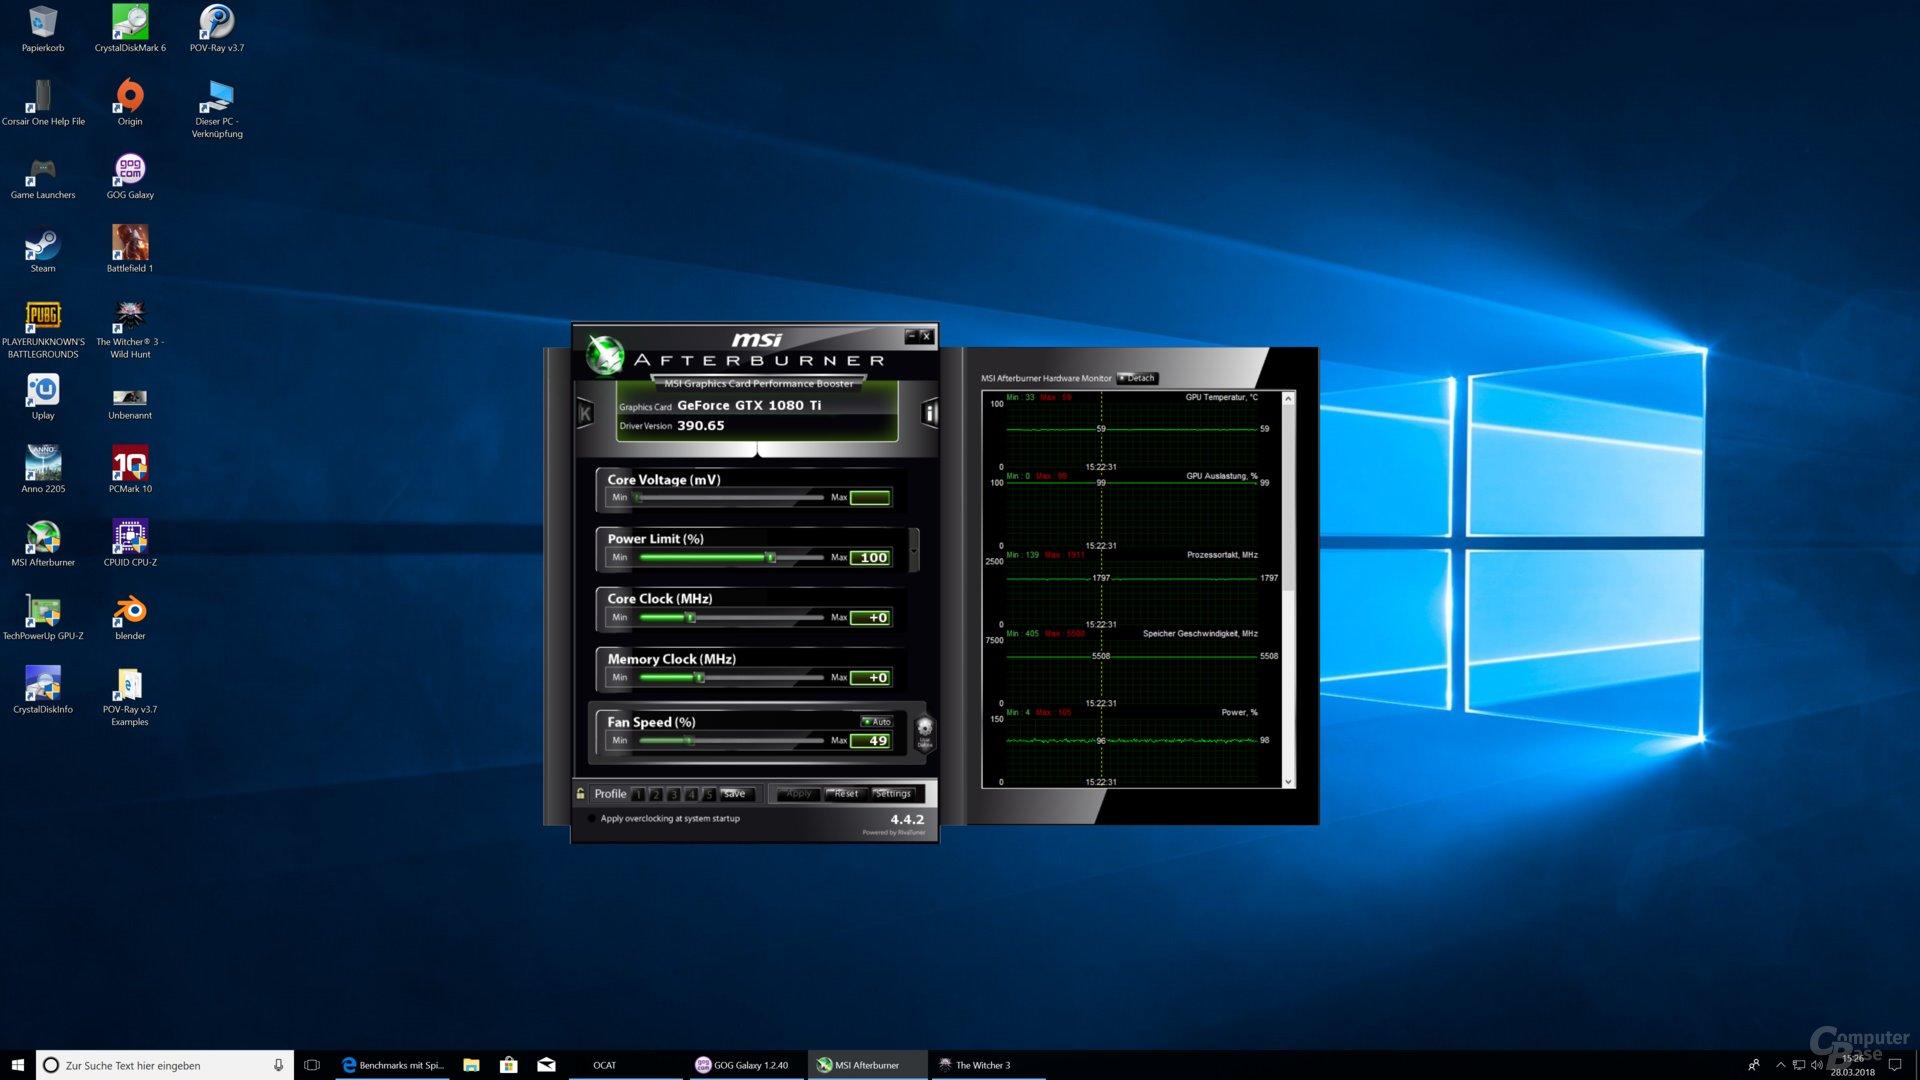 In The Witcher 3 (UHD) liegt die GeForce GTX 1080 Ti bei rund 1.800 MHz